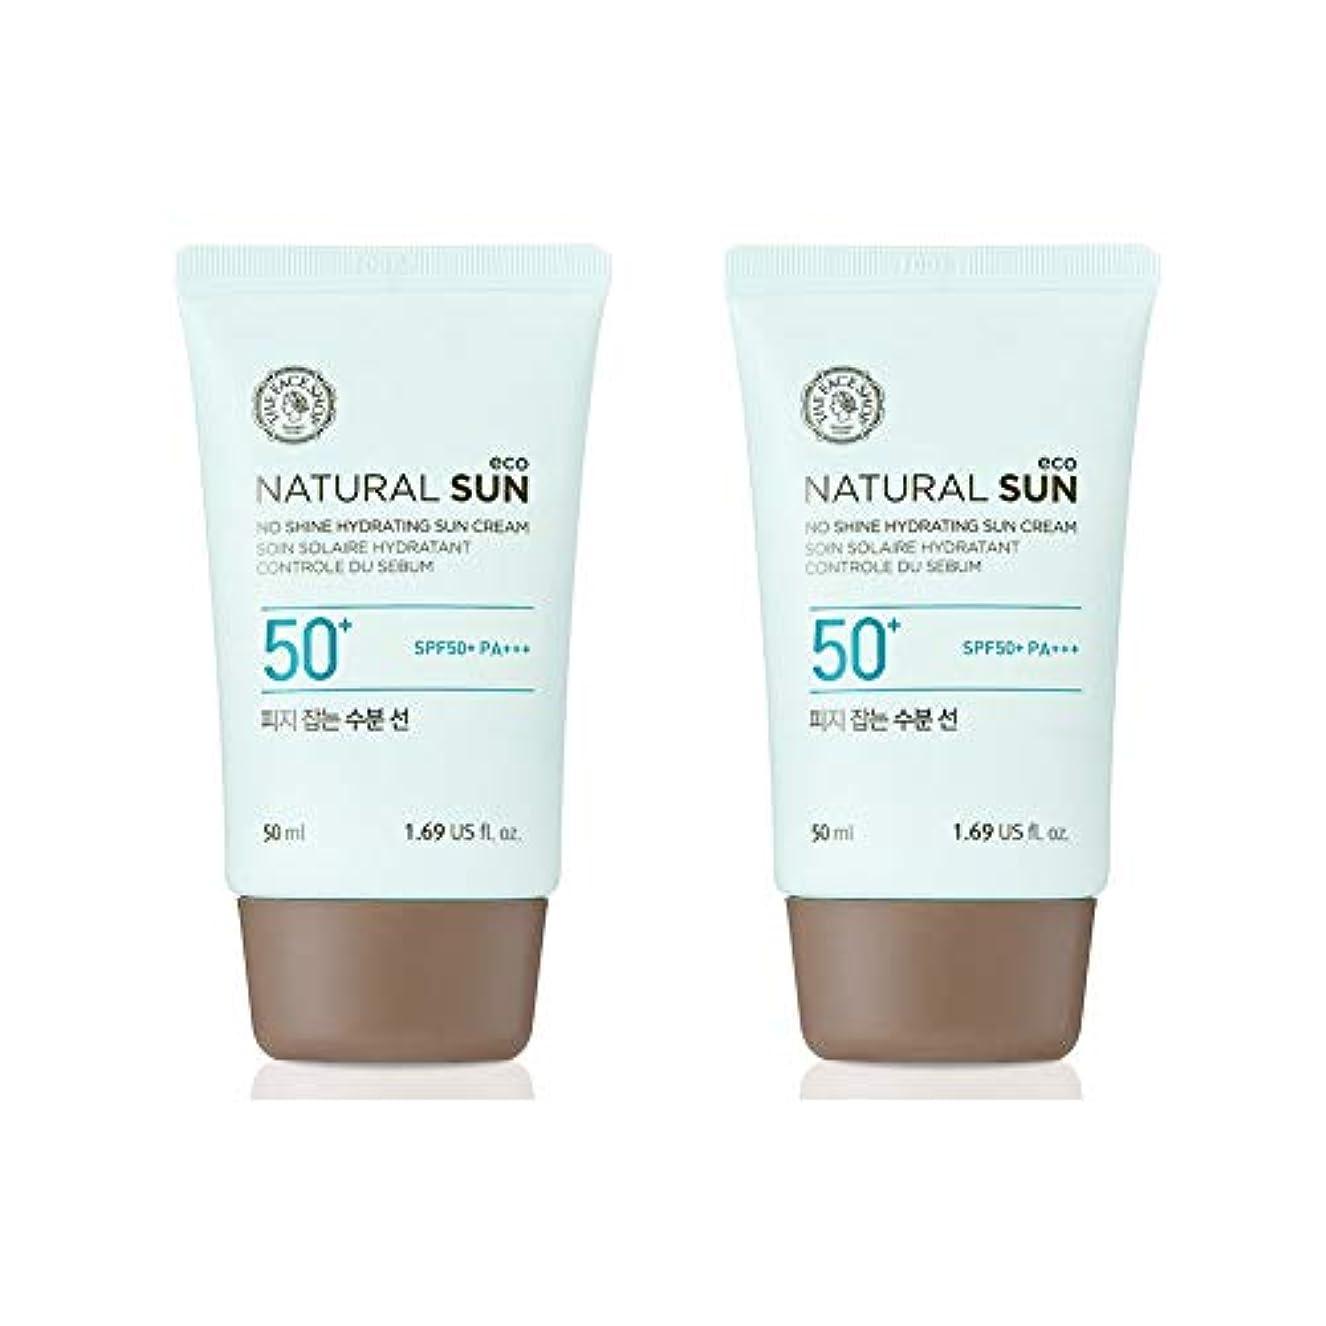 遷移に勝る振り返るザ?フェイスショップネチュロルソンエコフィジーサン?クリームSPF50+PA+++50ml x 2本セット韓国コスメ、The Face Shop Natural Sun Eco No Shine Hydrating Sun...